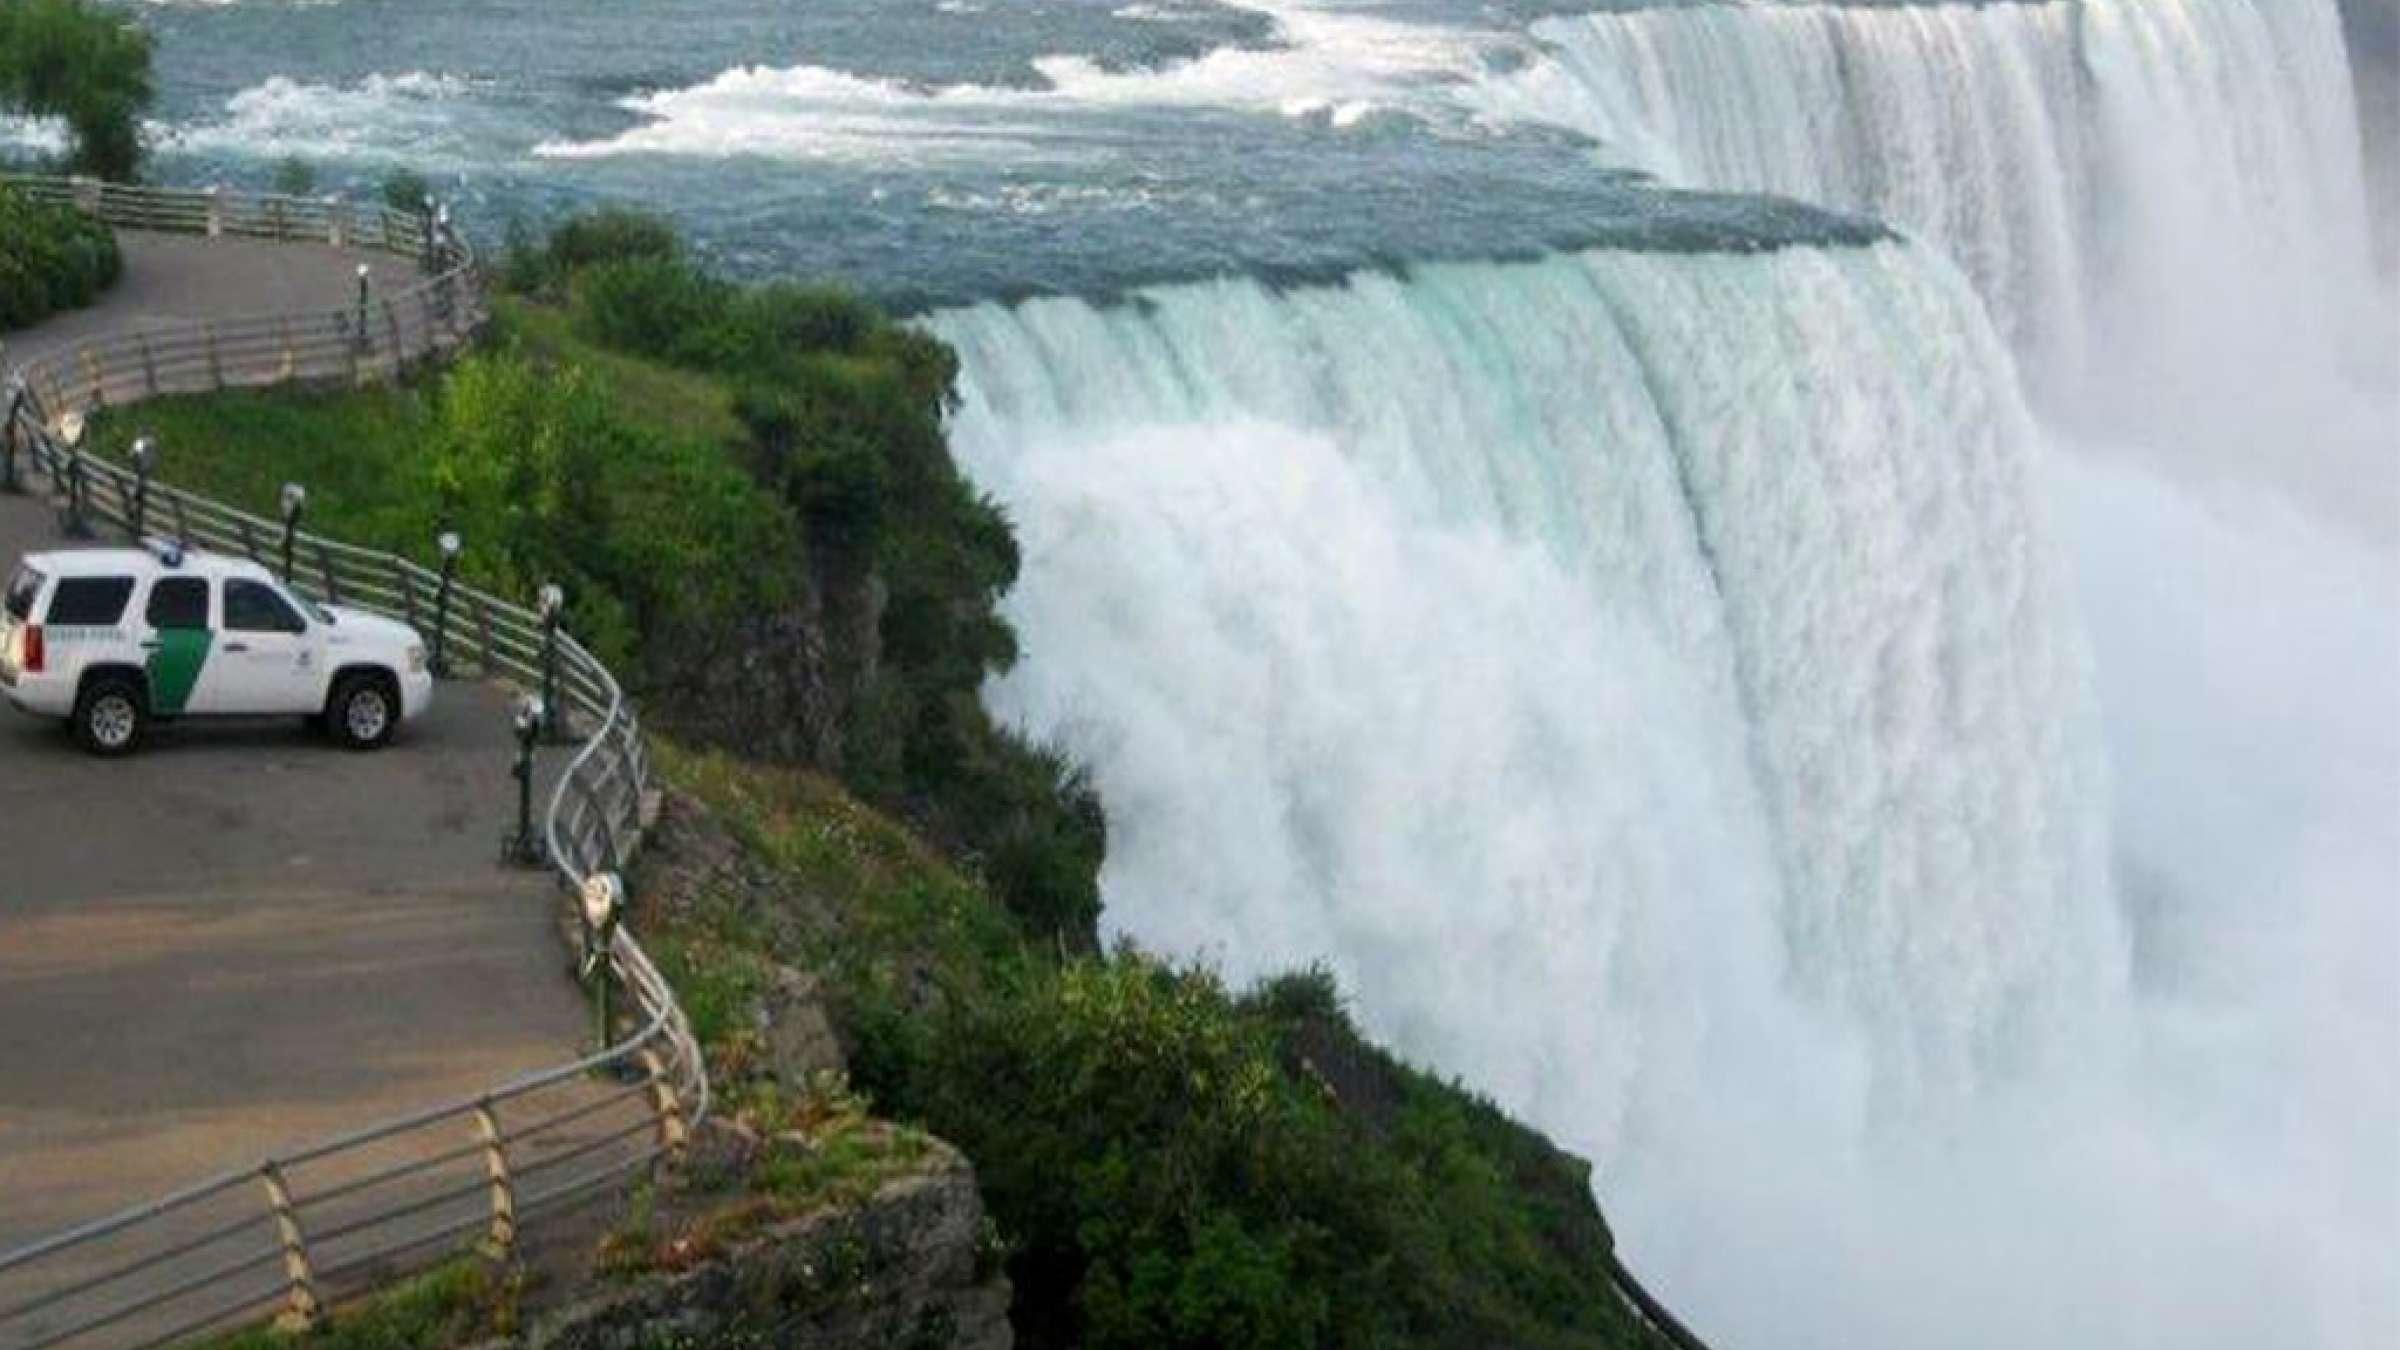 مردی-برای-رسیدن-به-آمریکا-از-کانادا-عرض-رودخانه-نیاگارا-را-شنا-کرد-کانادا-اخبار